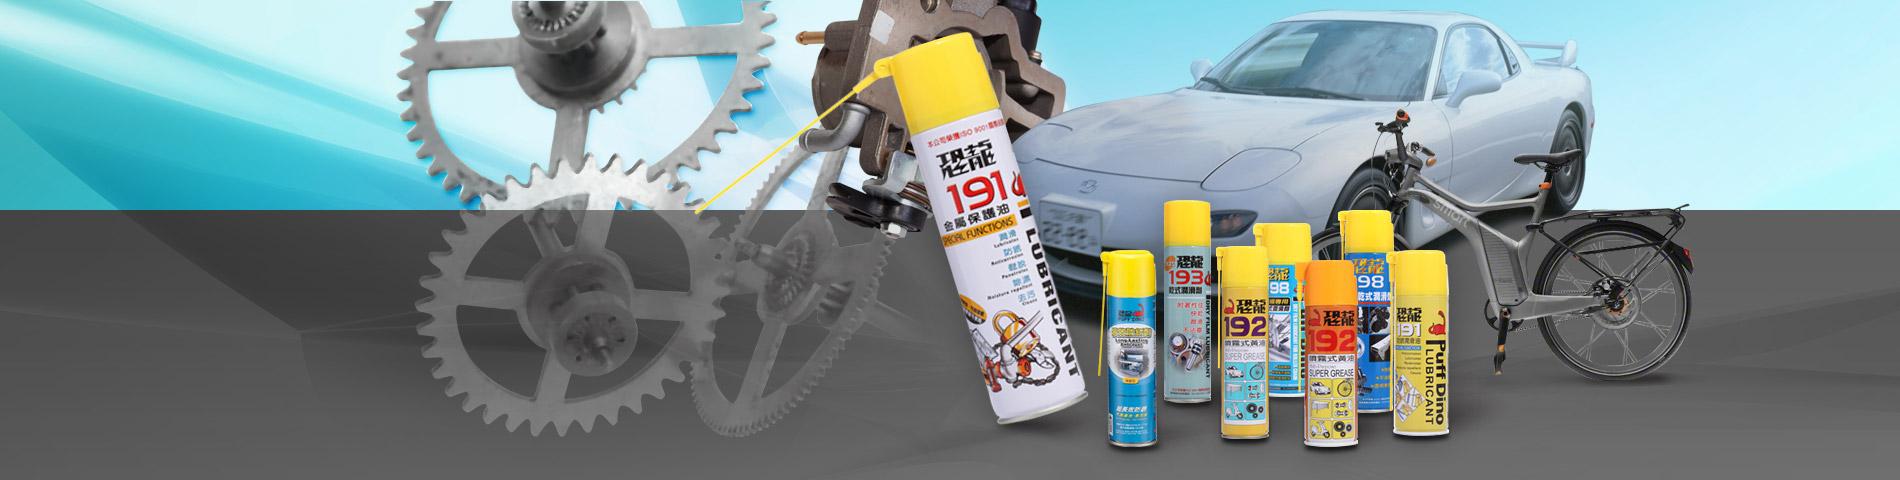 防鏽潤滑產品 確保機件的運轉順暢 從一罐走天下的恐龍191防銹潤滑油開始,我們一直提供最好用的防銹潤滑產品給專業人員使用。